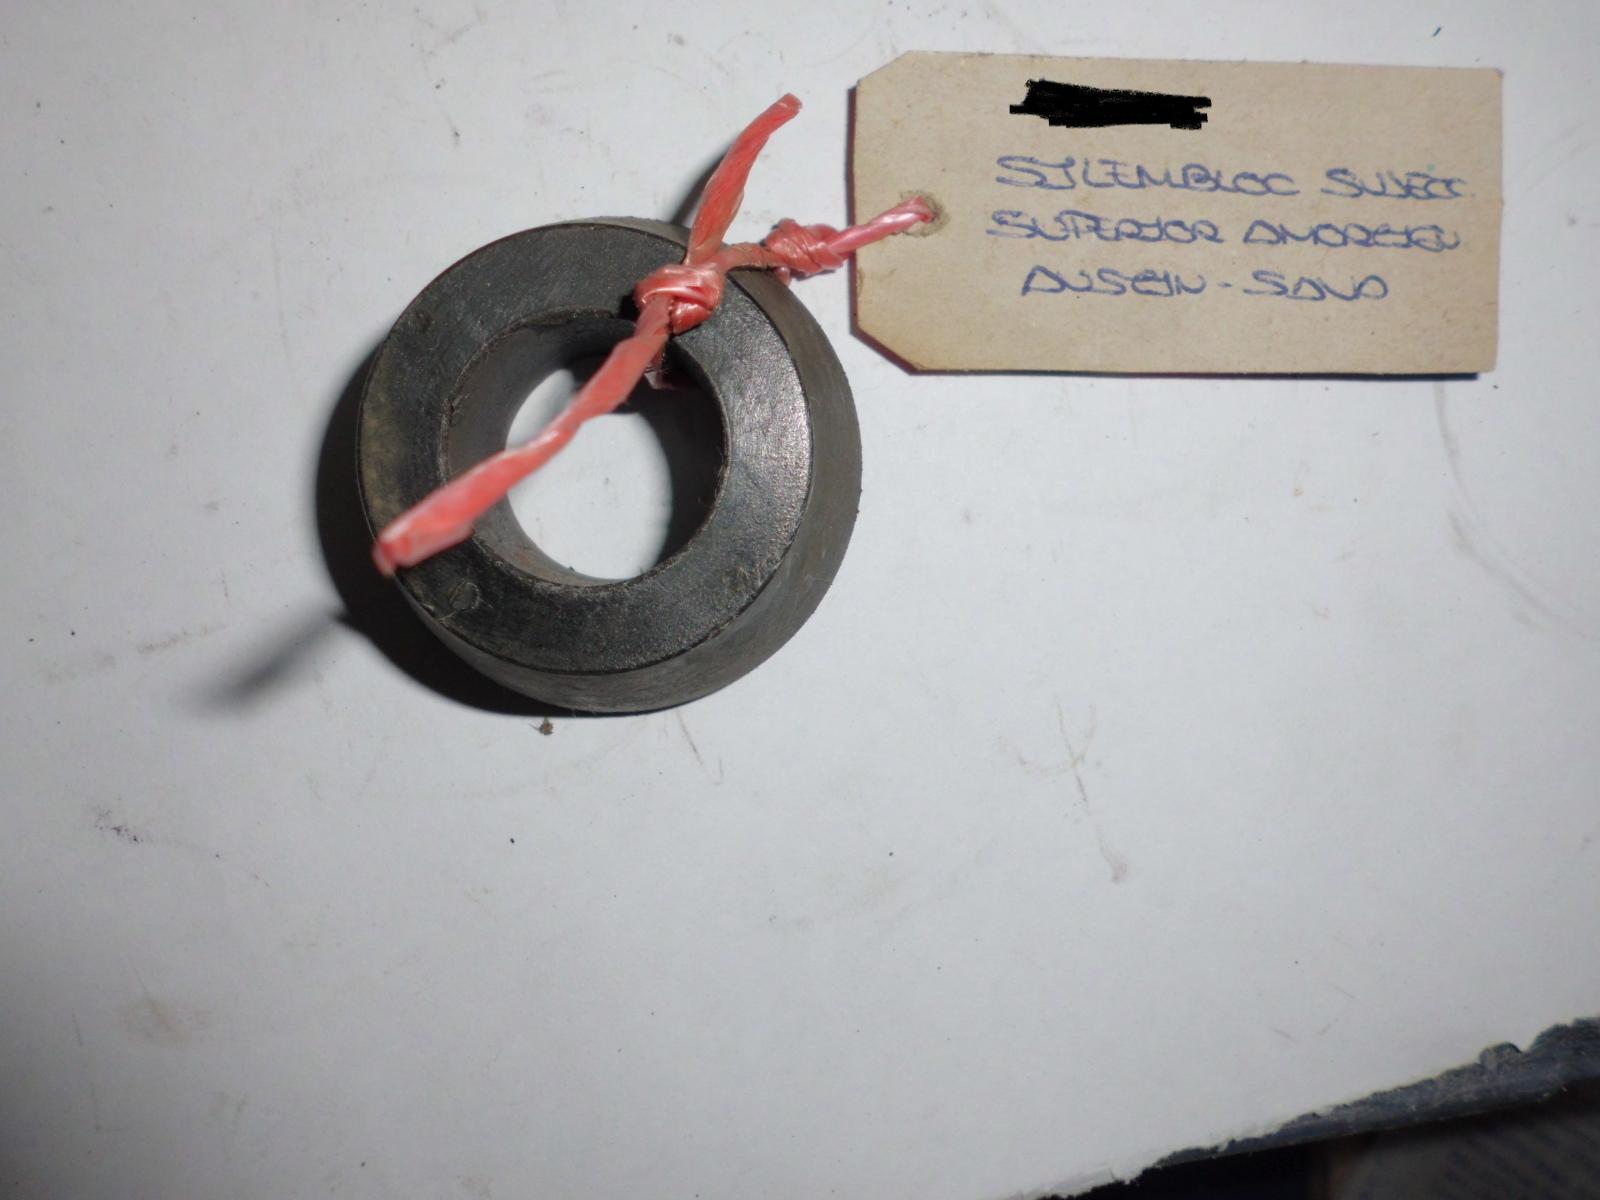 Silentblock de sujeción superior del amortiguador de Austin, Sava